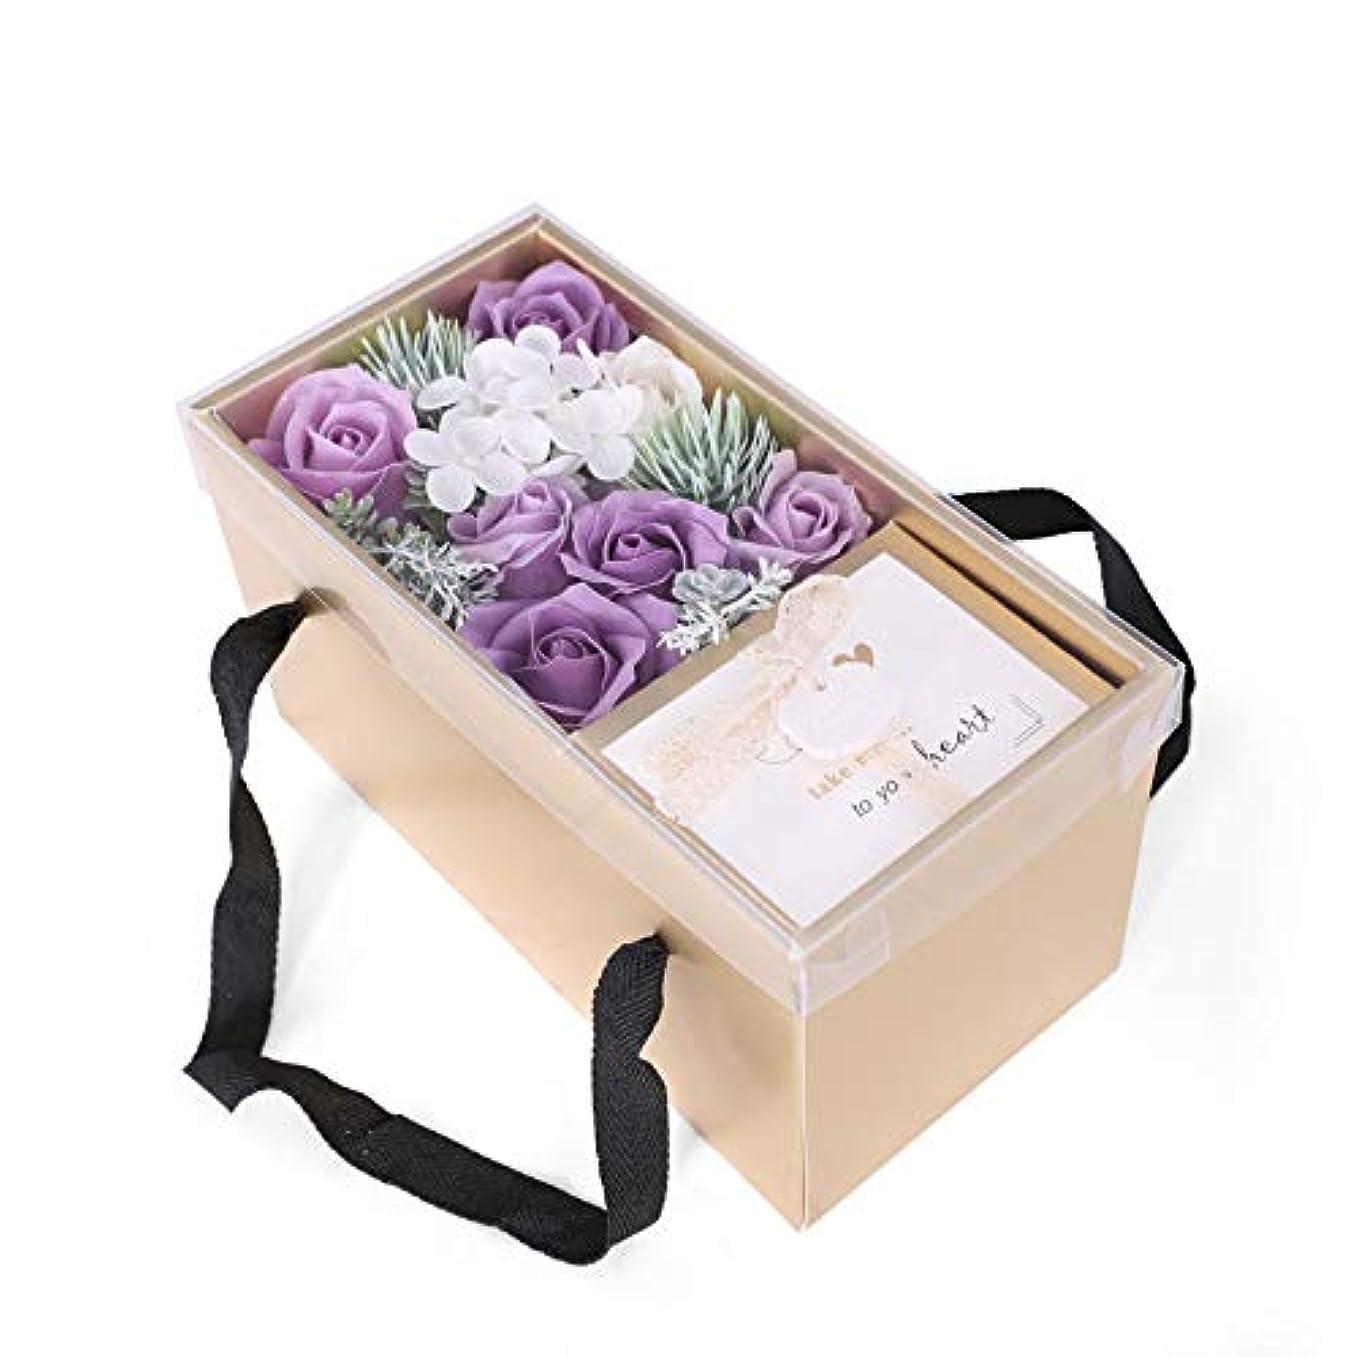 スティック犯罪激しい生地と花石鹸の花 バスソープフラワーローズフラワーバレンタインデーのために必須ガールフレンド記念日誕生日母の日ポータブルギフトボックス (色 : 紫の)